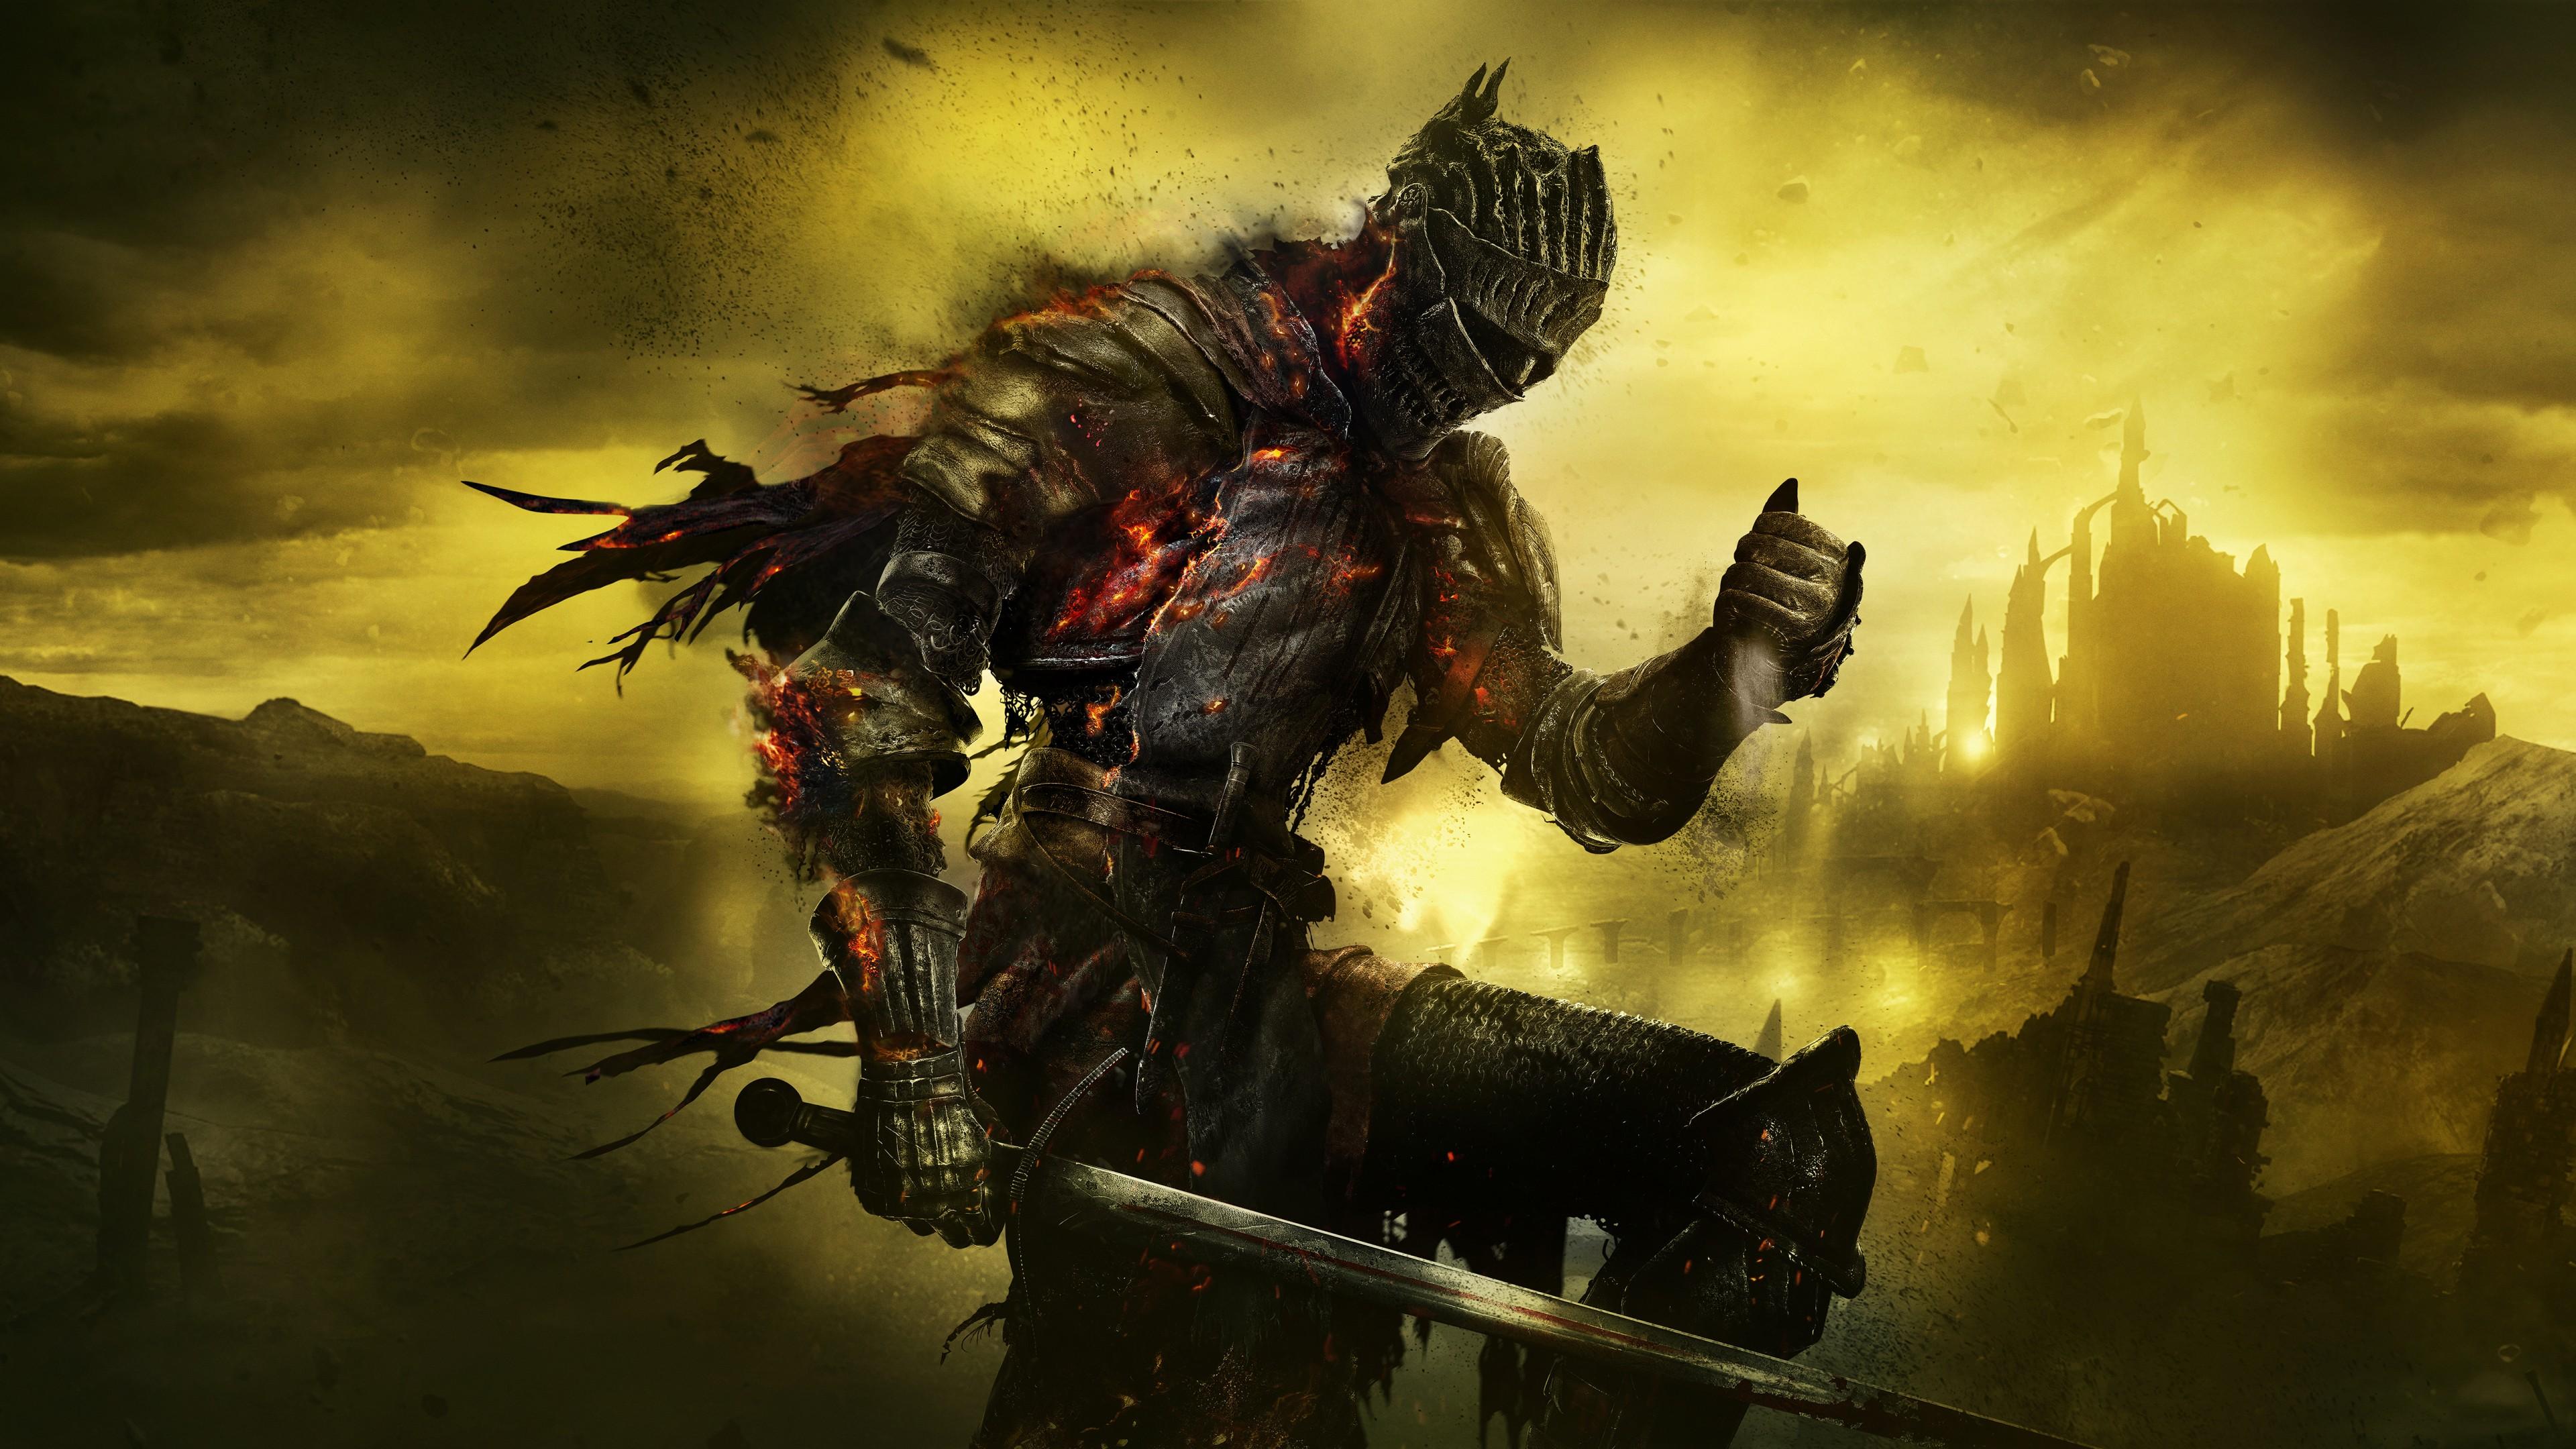 Воин в шлеме,обмундировании,перчатках и мечом на фоне огненных сполохов